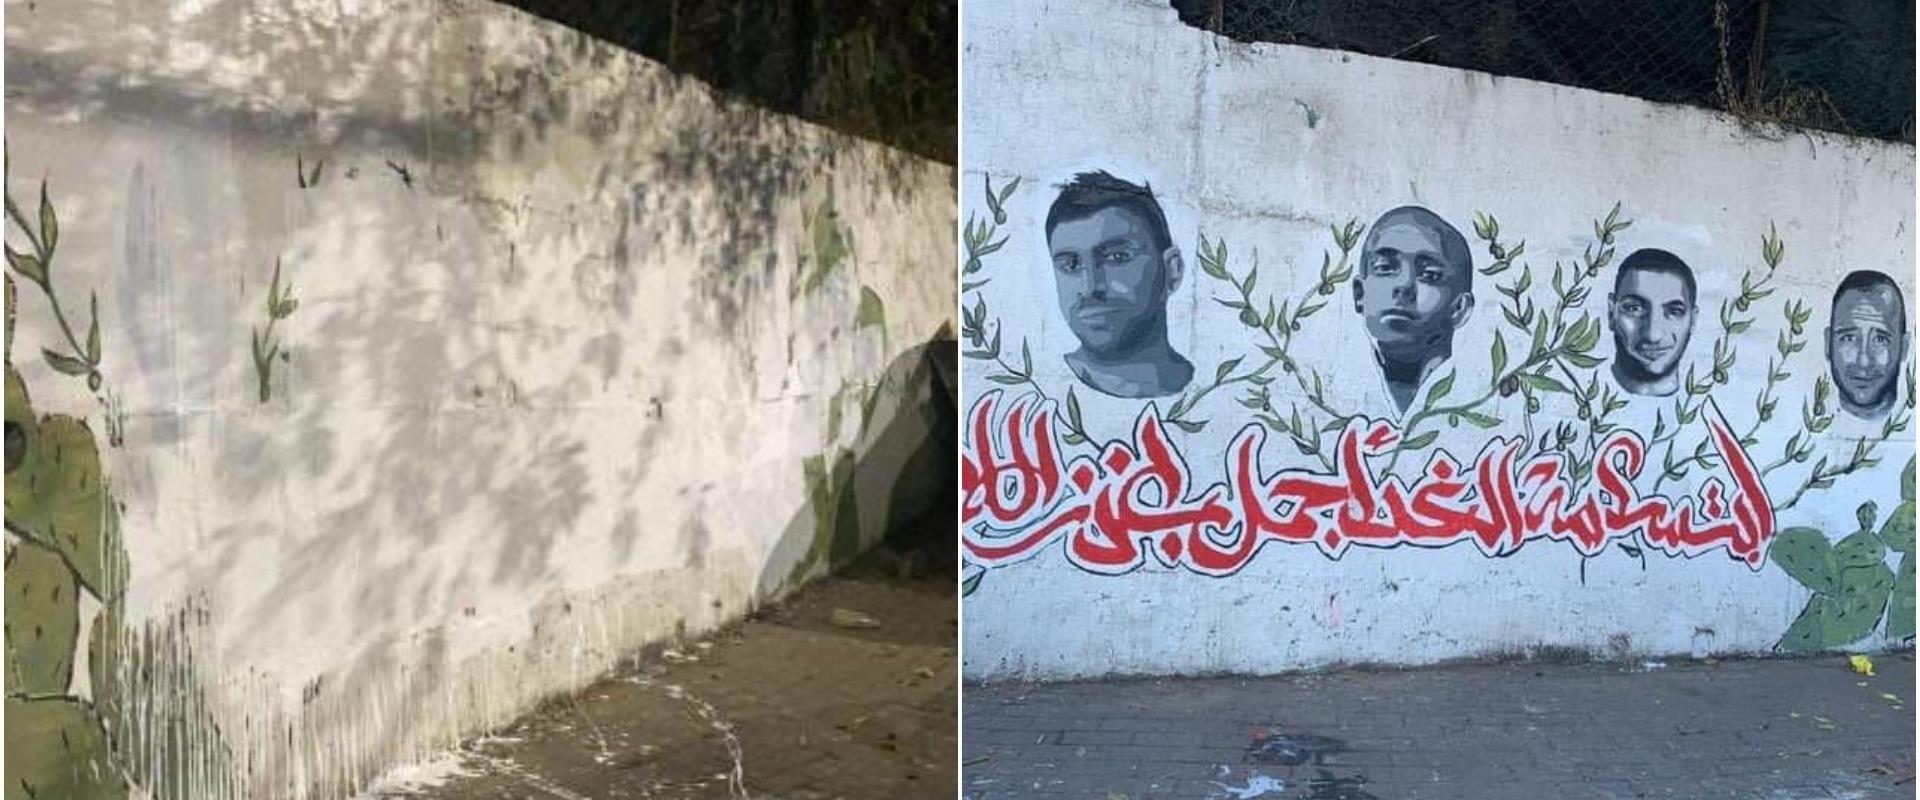 קיר ההנצחה למחבלים, לפני ואחרי המחיקה